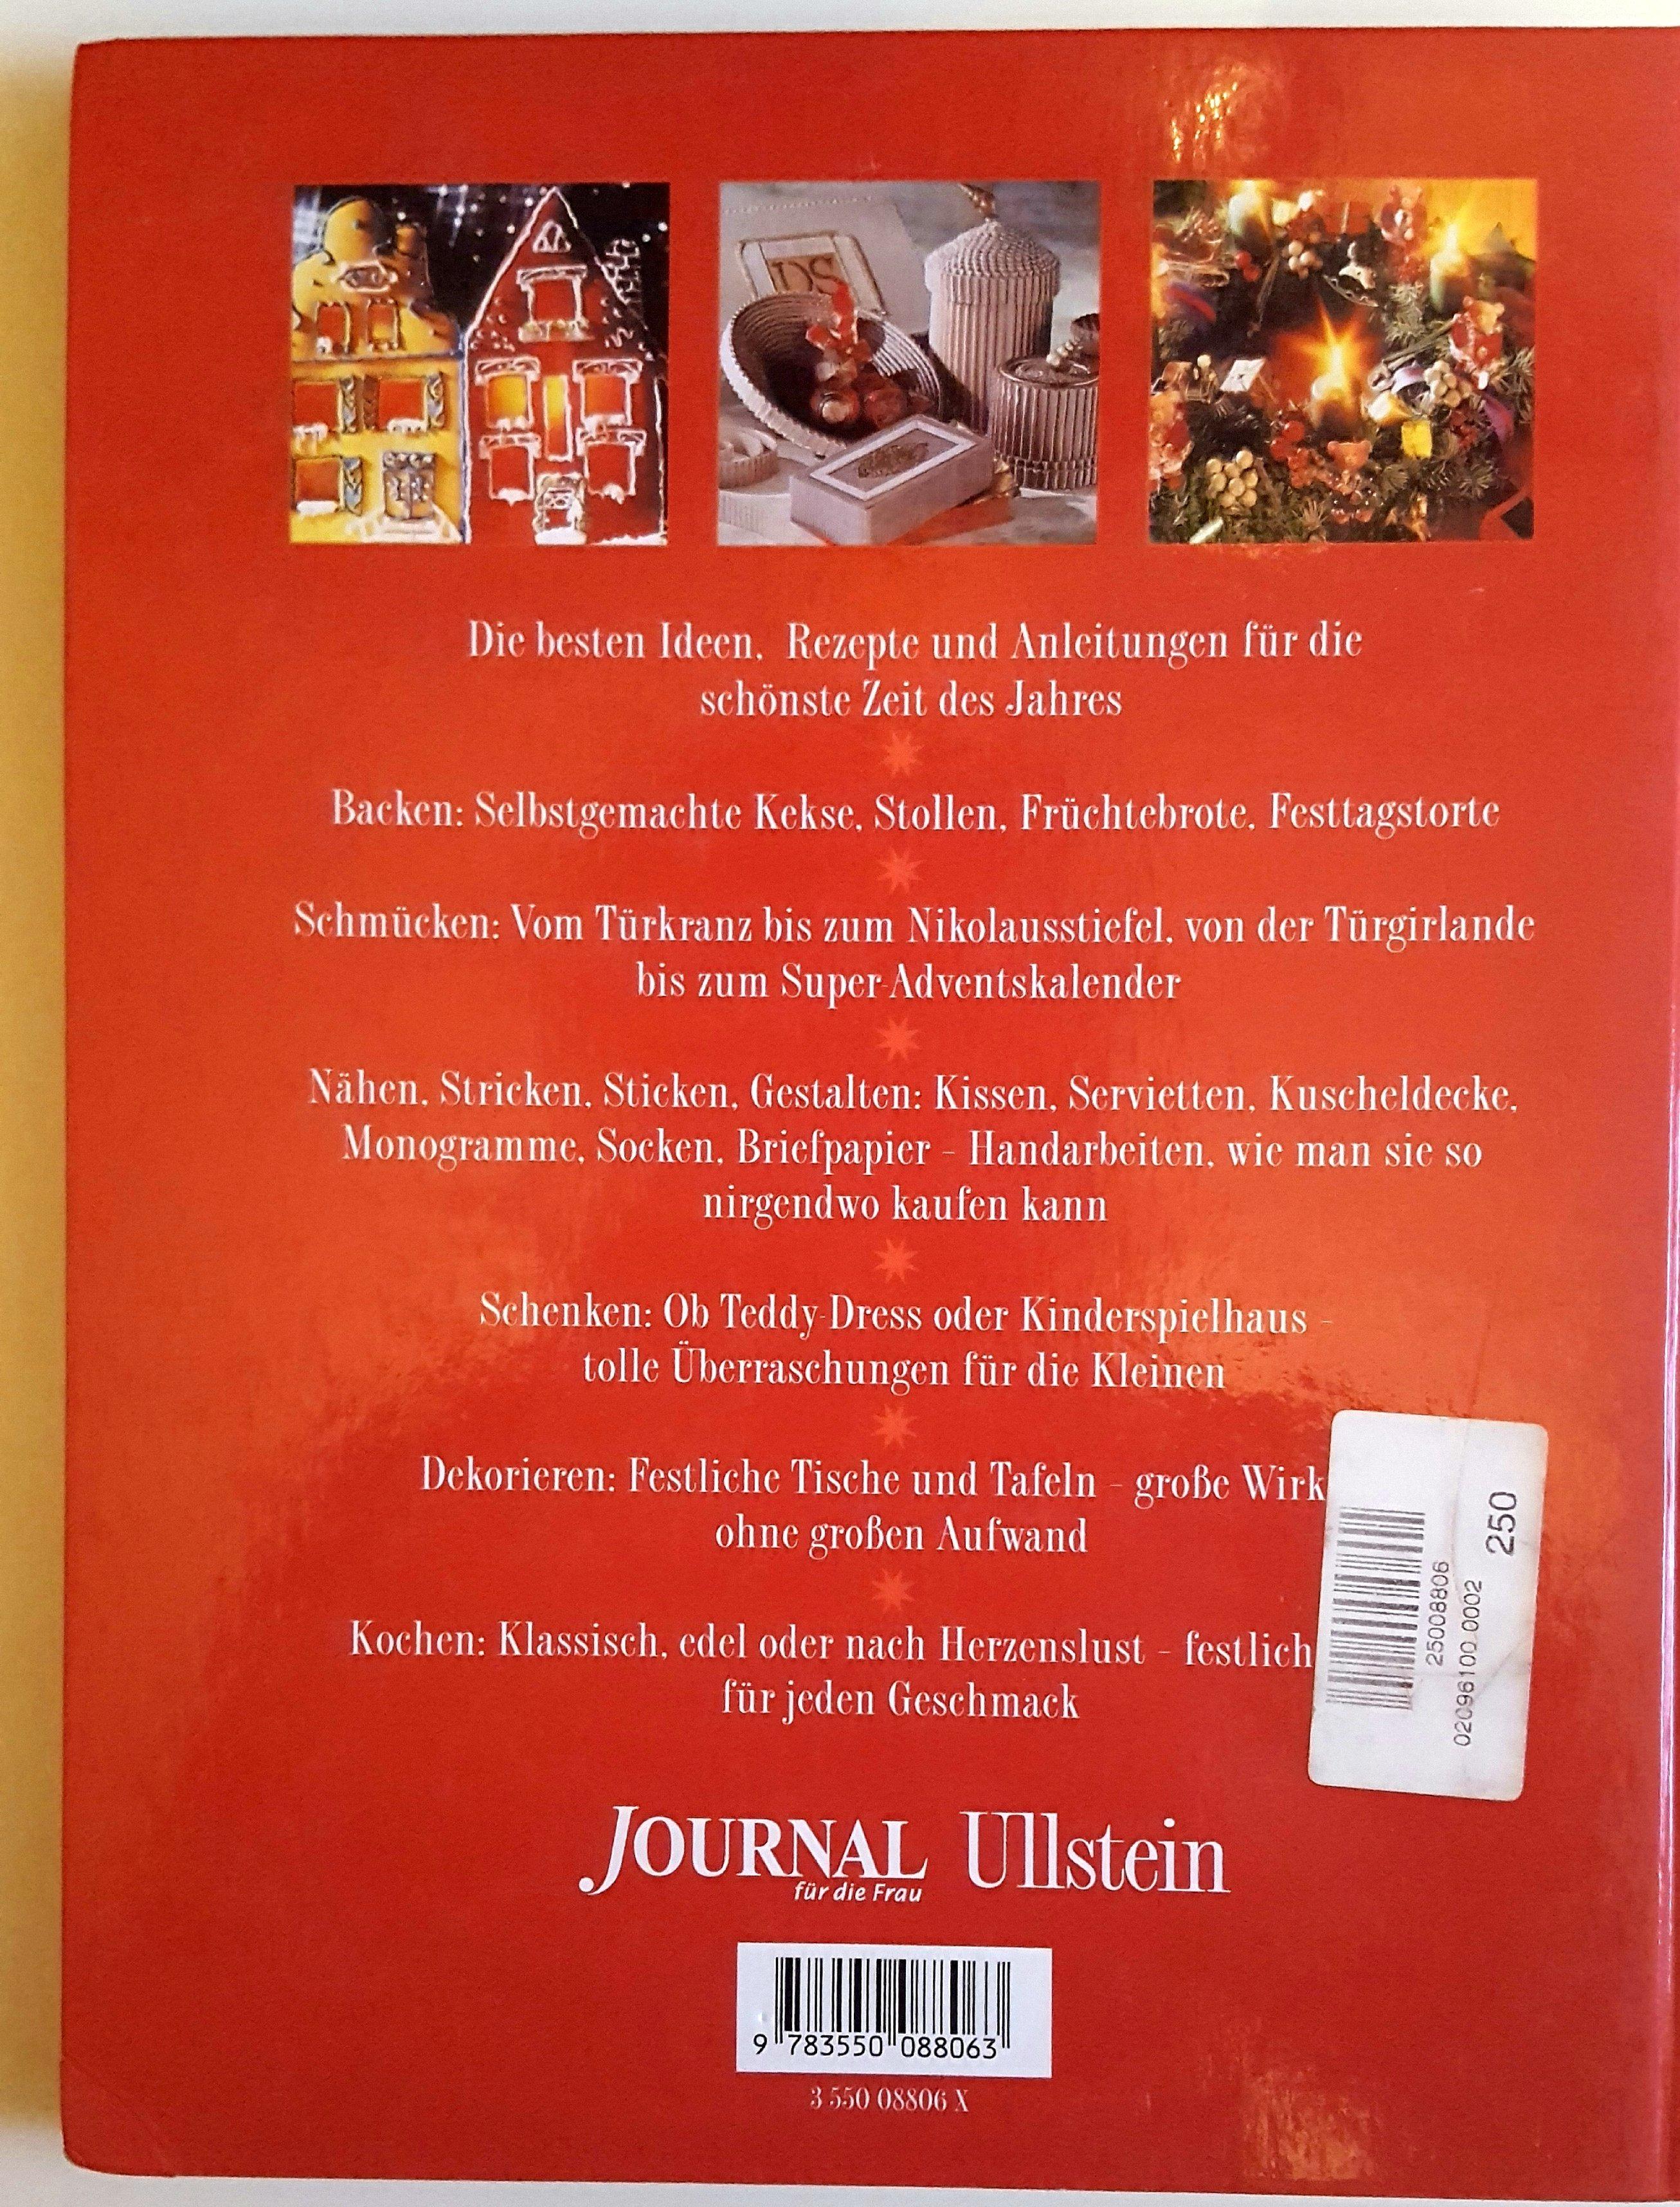 Das neue große Advents-und Weihnachtsbuch - backen, basteln, schmücken  Journal für die Frau - mit zahlreichen Farbbildern 1997 – Buch gebraucht kaufen